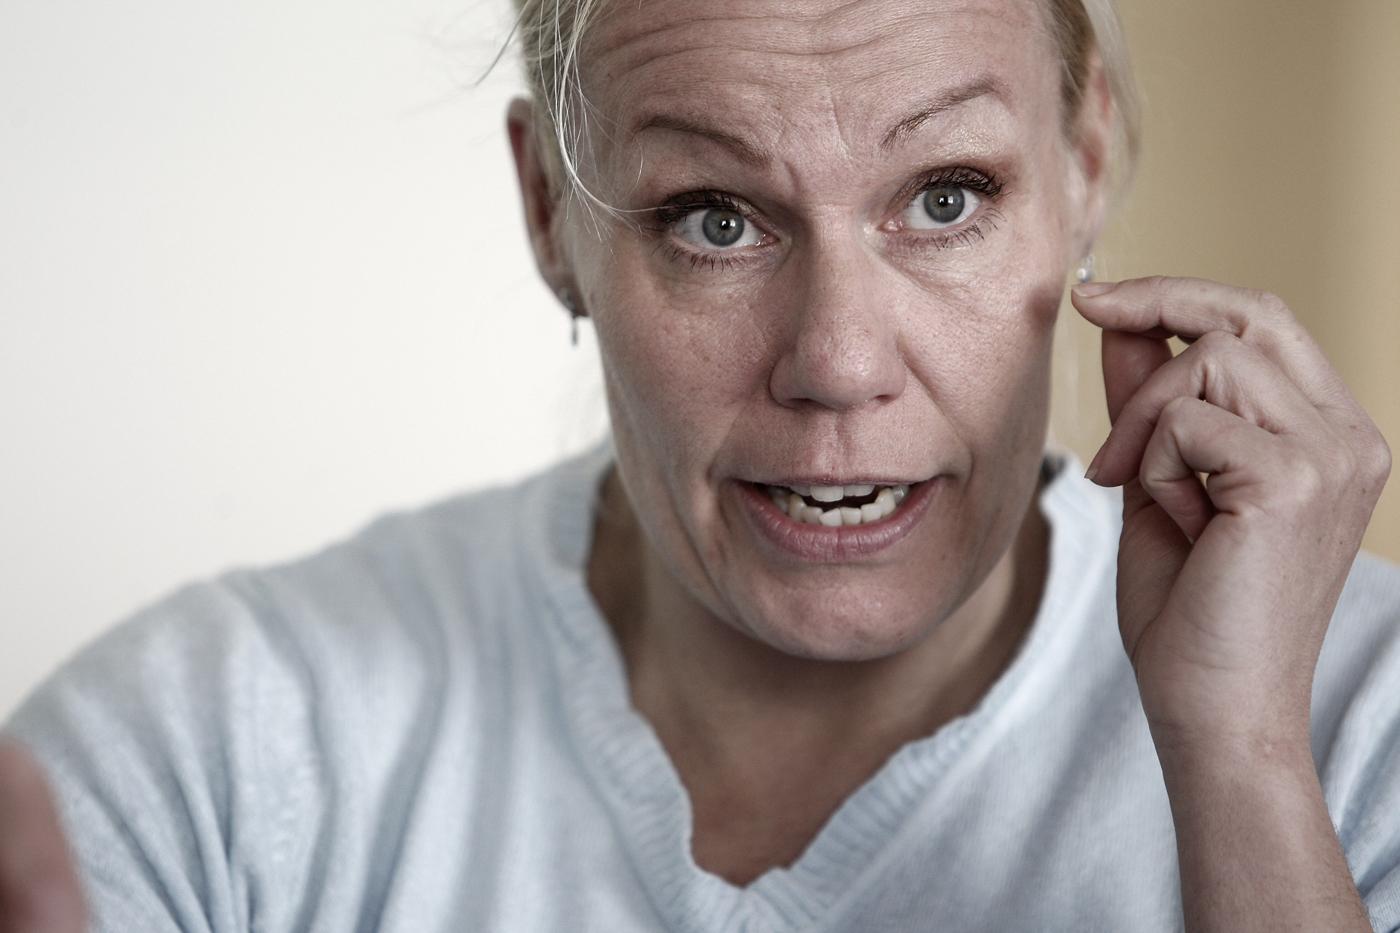 – Vi har bättre insyn i parlamentets utskottsarbete än i svenska riksdagen. Men i ministerrådet finns ingen insyn. Det finns heller inget remissförfarande i EU. Det här är vår enda på påverkansmöjlighet. Lobbyismen är en smutsig byk, men det enda sättet att påverka, säger Åsa Törnlund, svenska facklig samordnare gentemot EU-parlamentet. Foto: Tomas Nyberg